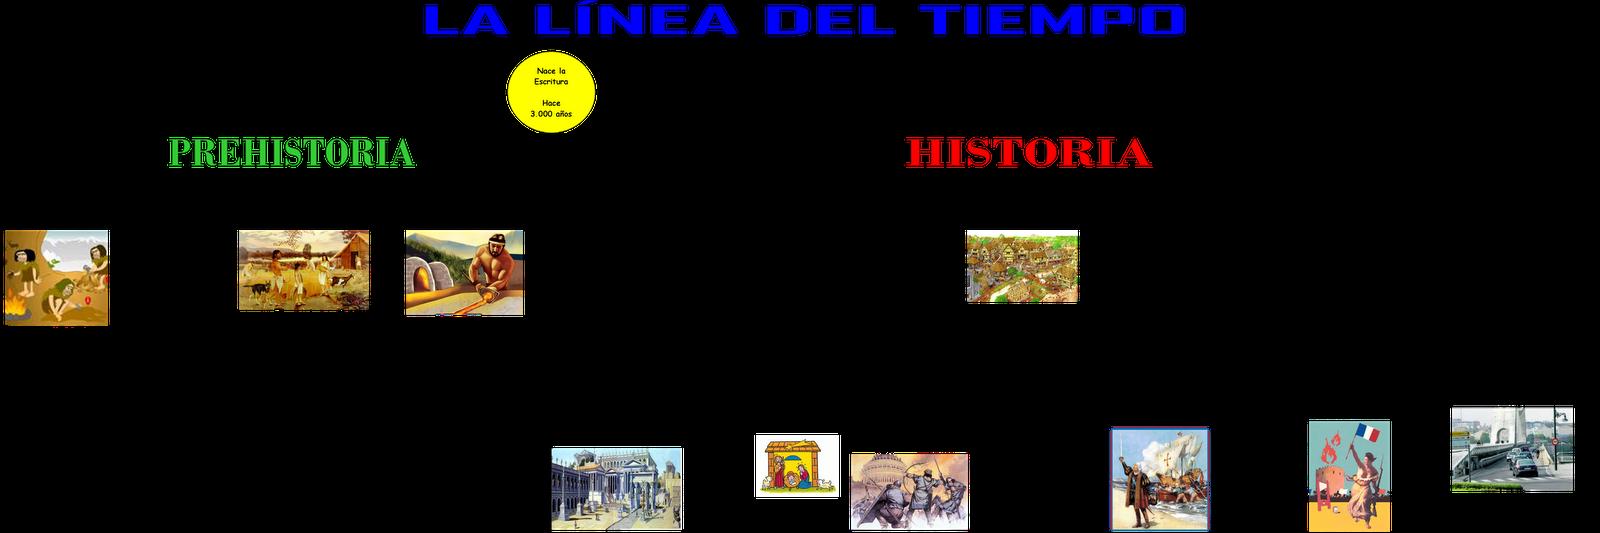 Línea Del Tiempo Y La Prehistoria Cuando Linea Del Tiempo Linea Del Tiempo Historia Historia De La Educacion